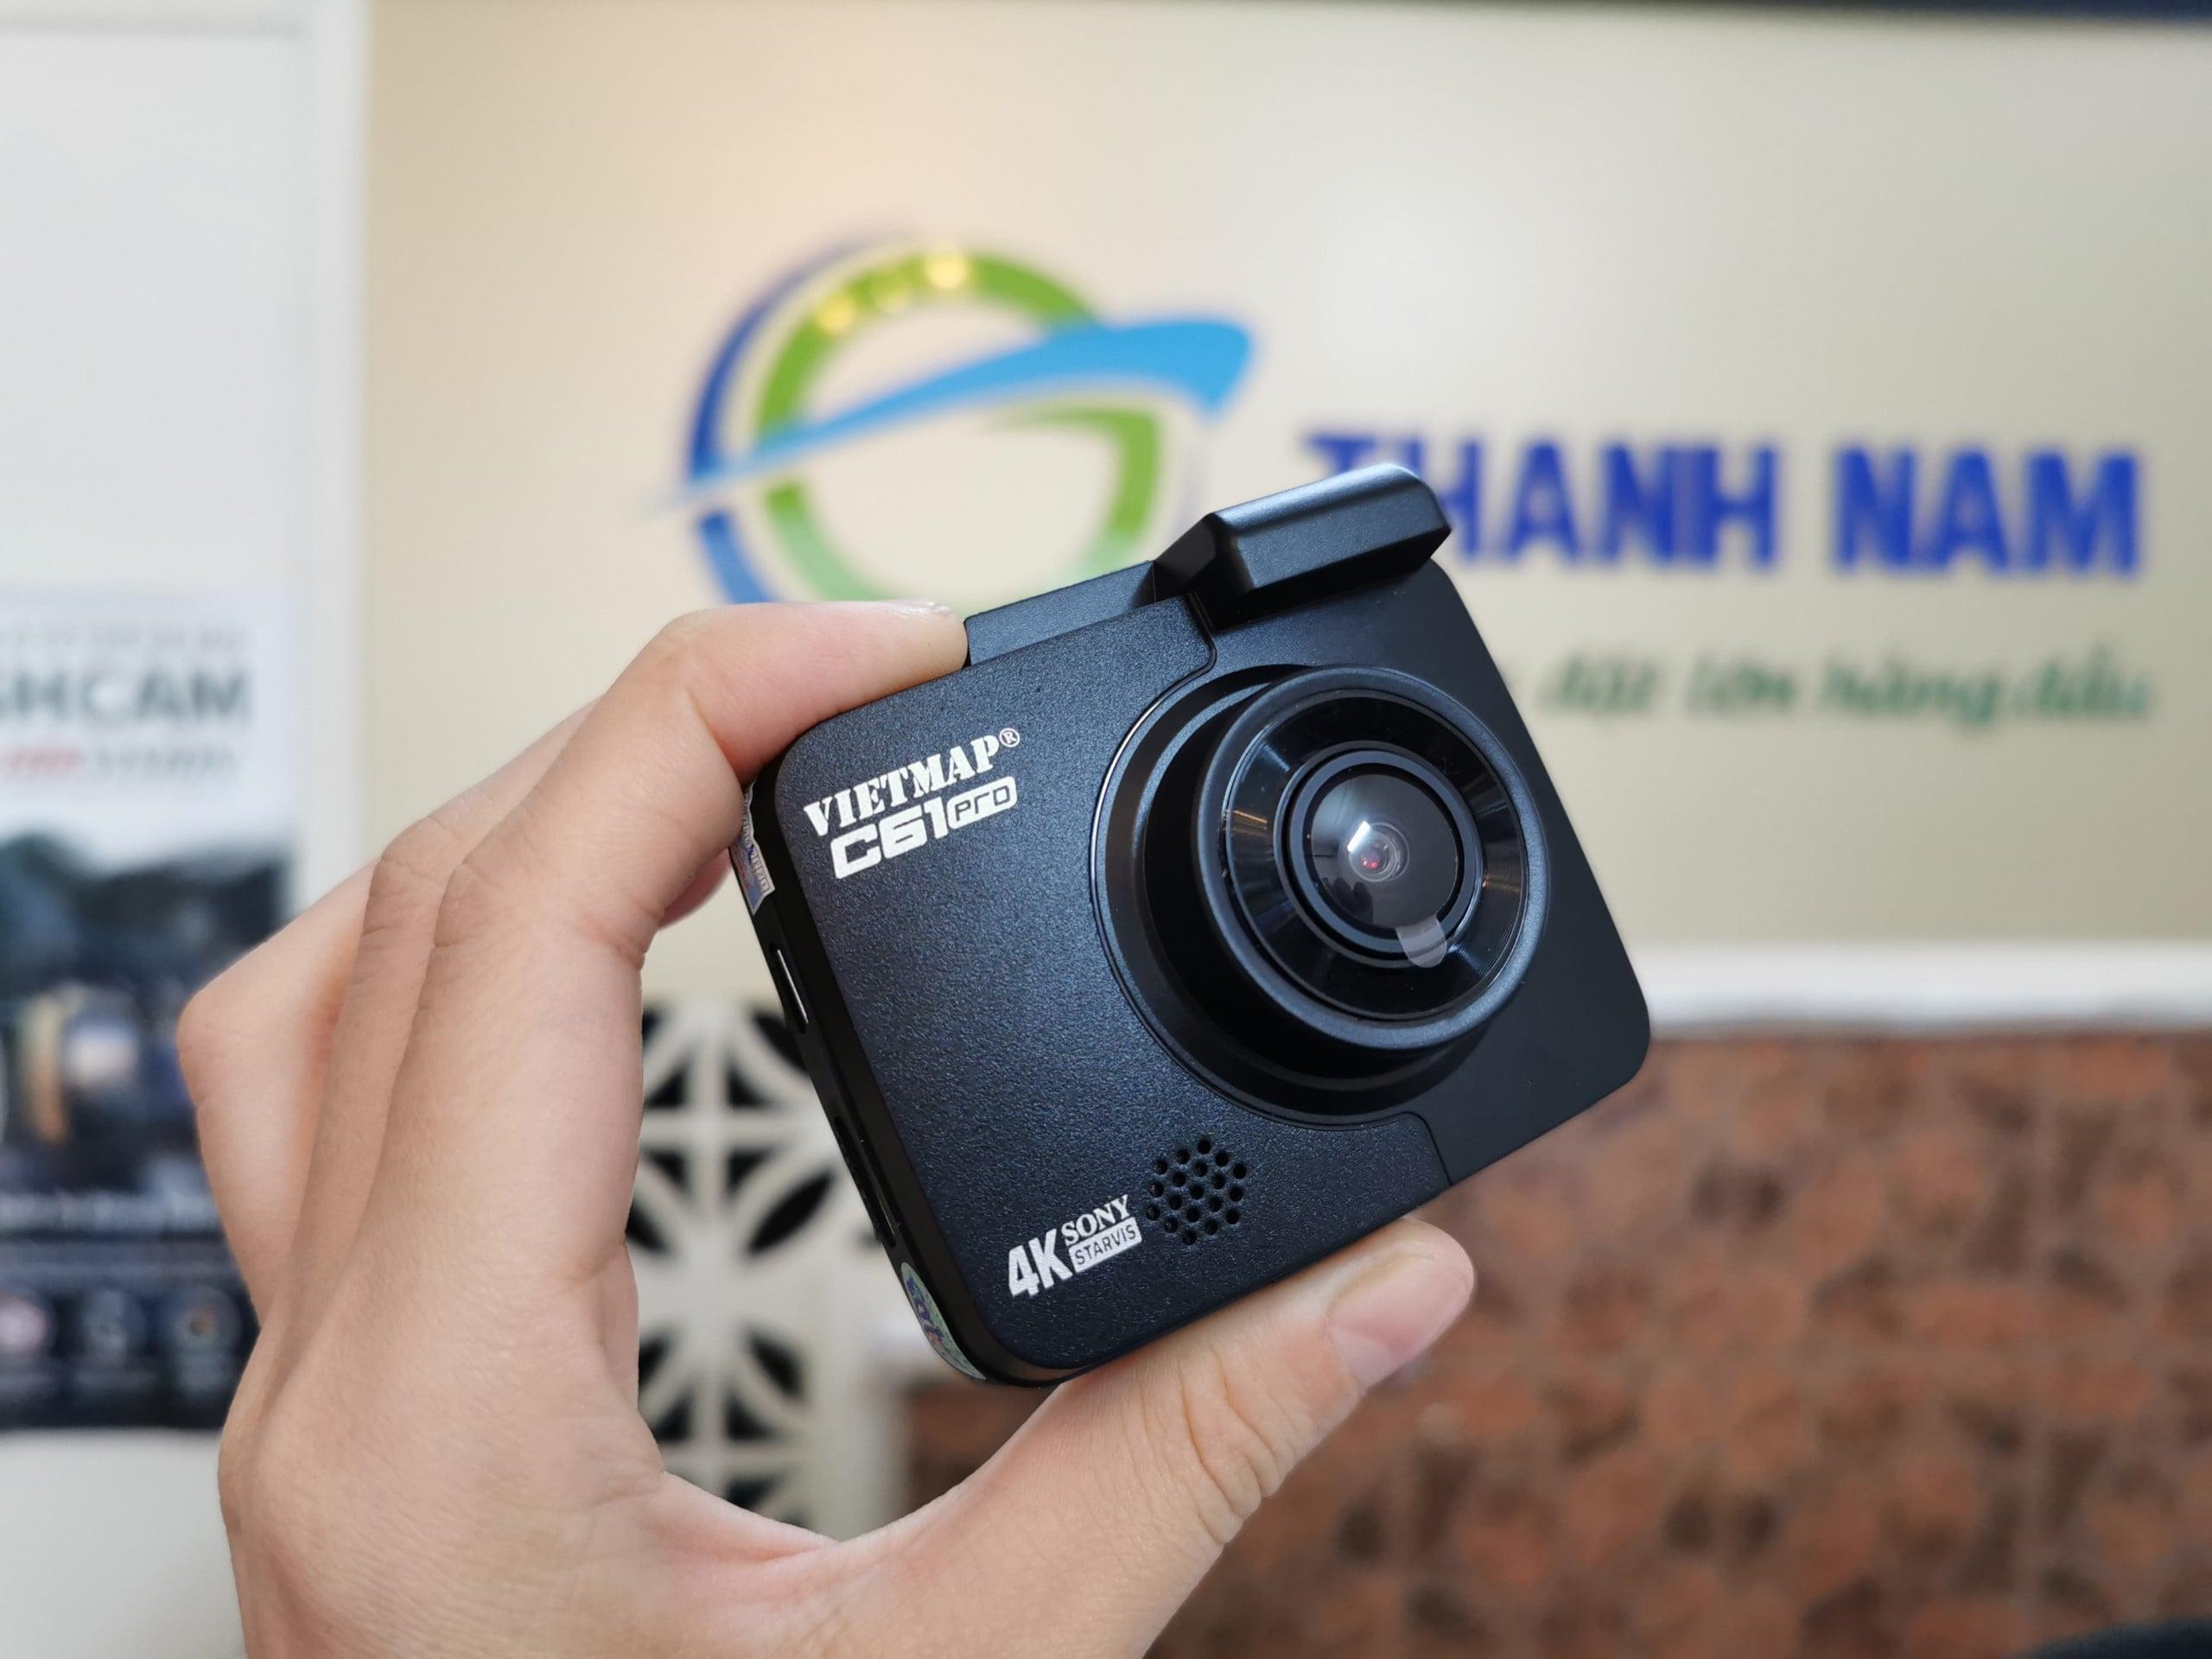 camera hành trình nâng cấp vietmap c61 pro